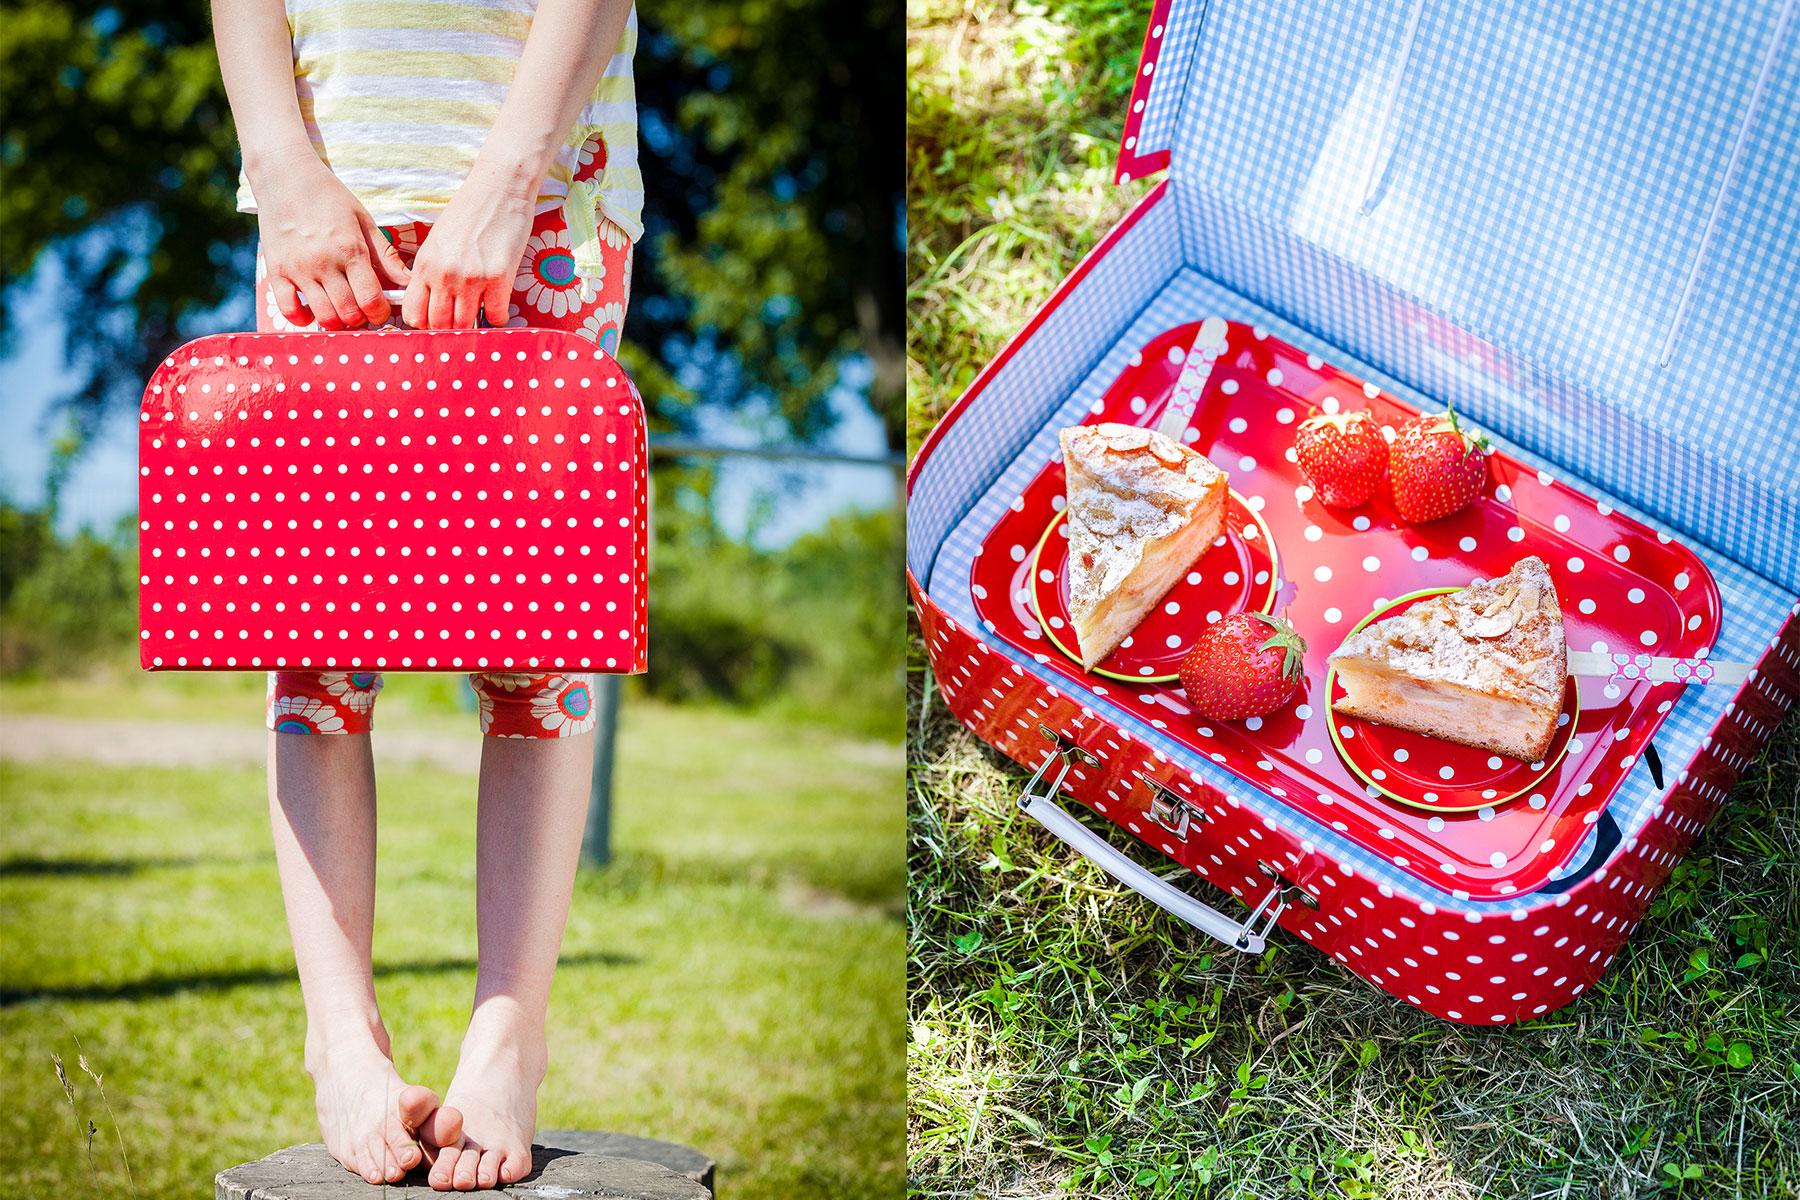 kuchen am stiel weitere picknick snacks zum mitnehmen. Black Bedroom Furniture Sets. Home Design Ideas